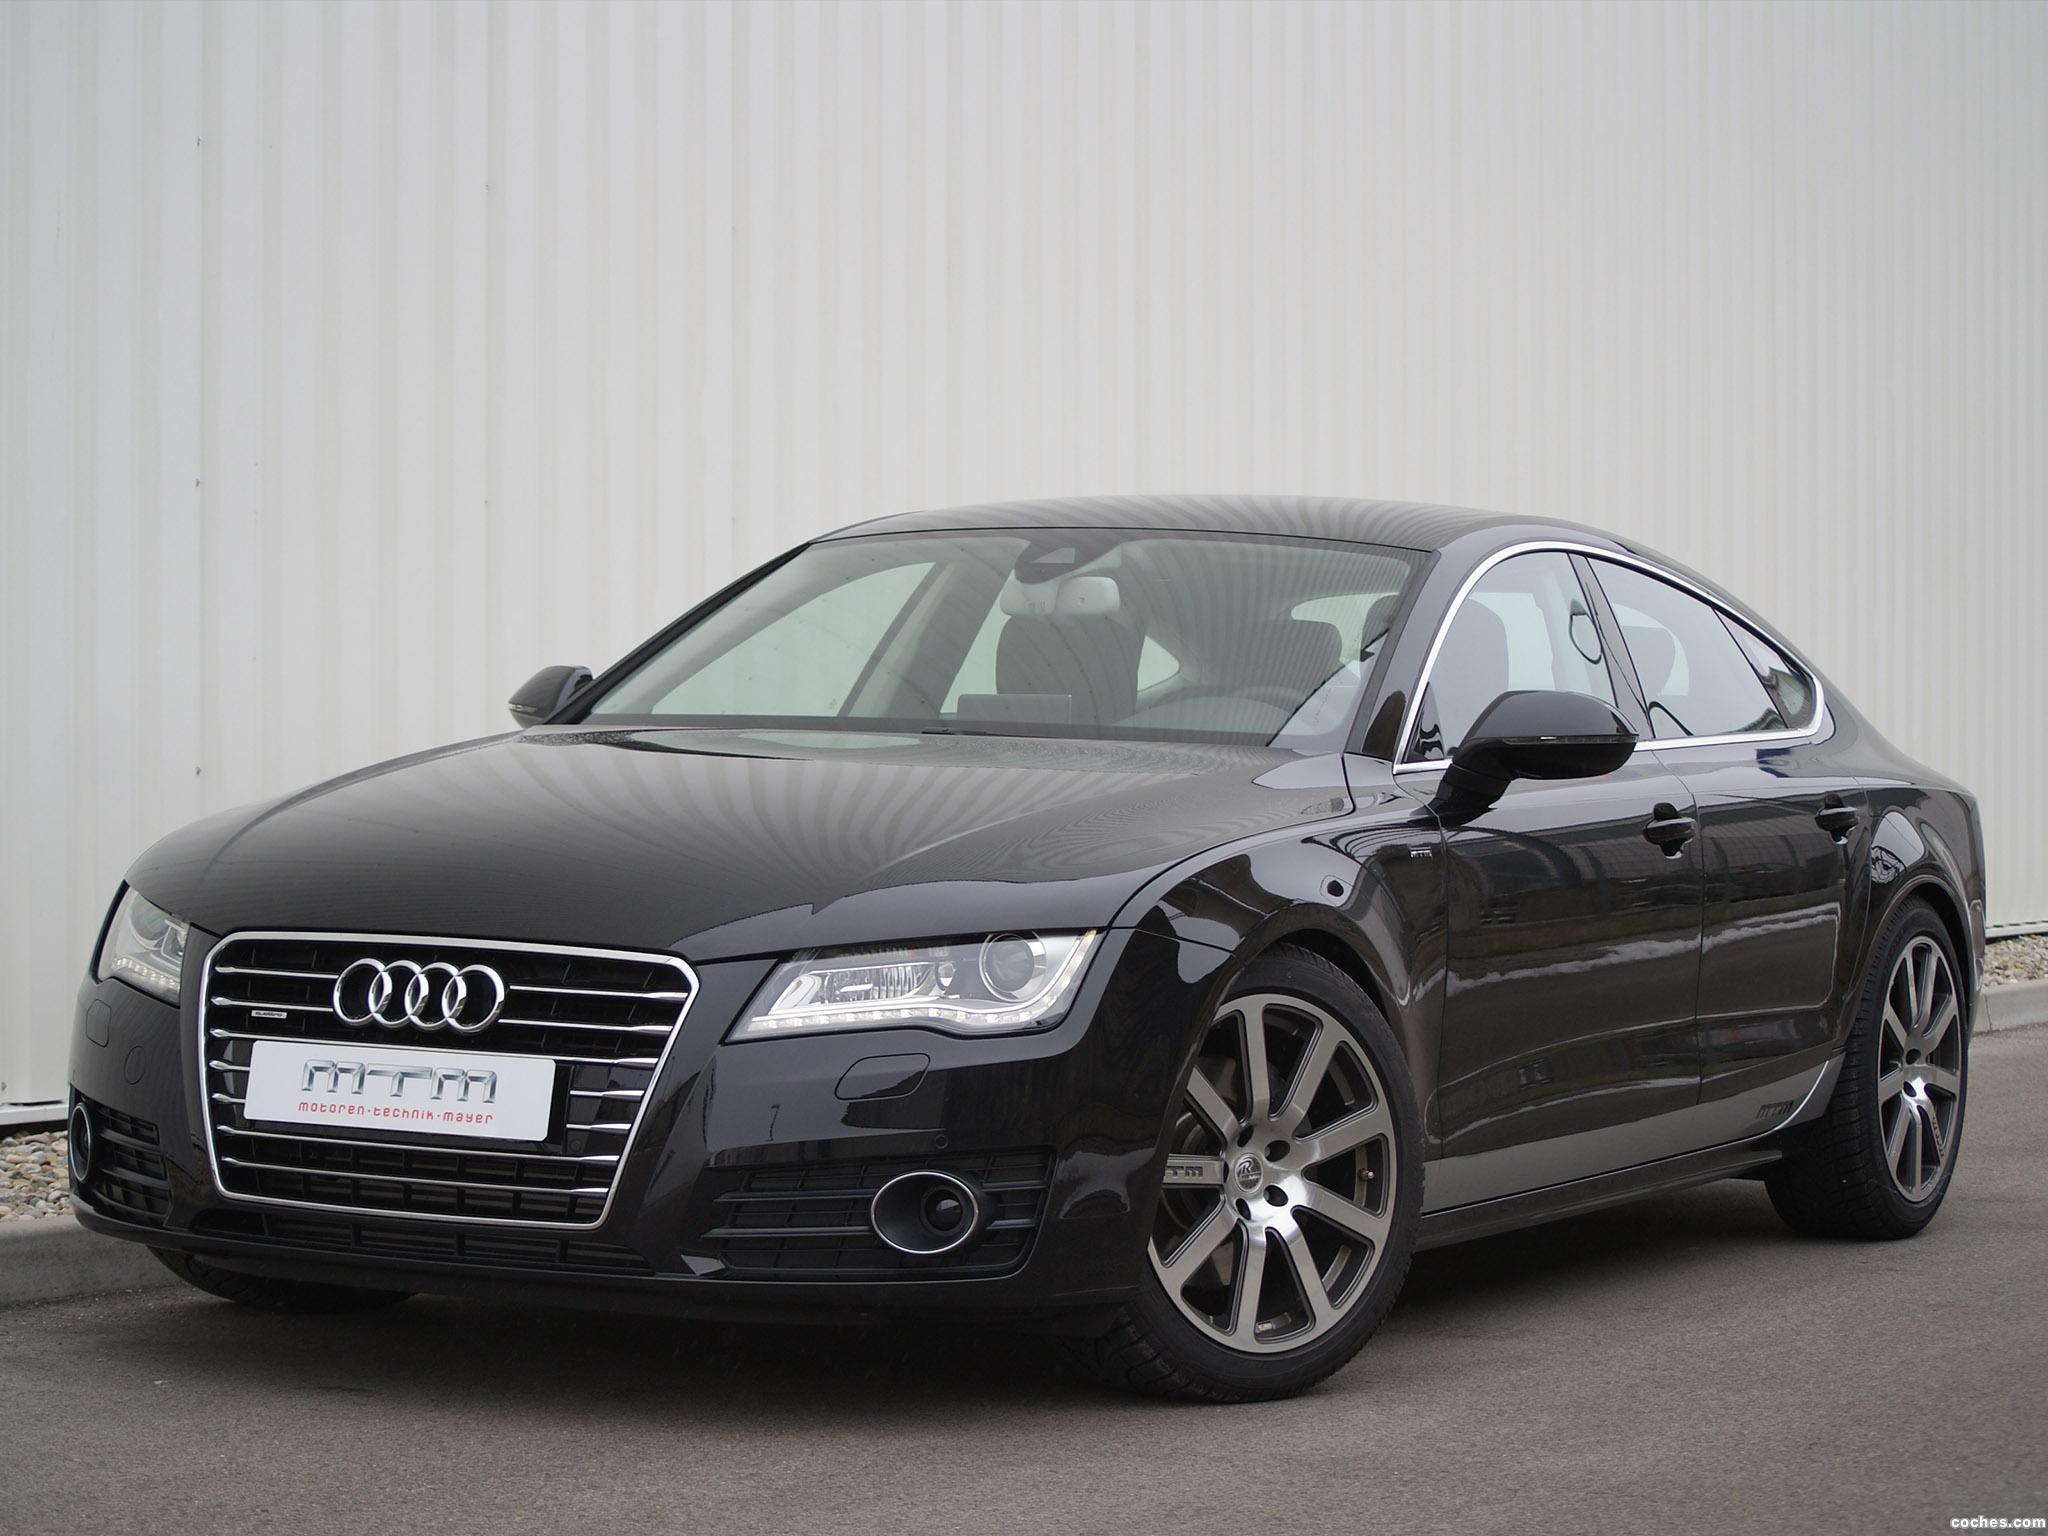 Foto 0 de Audi A7 mtm 2011